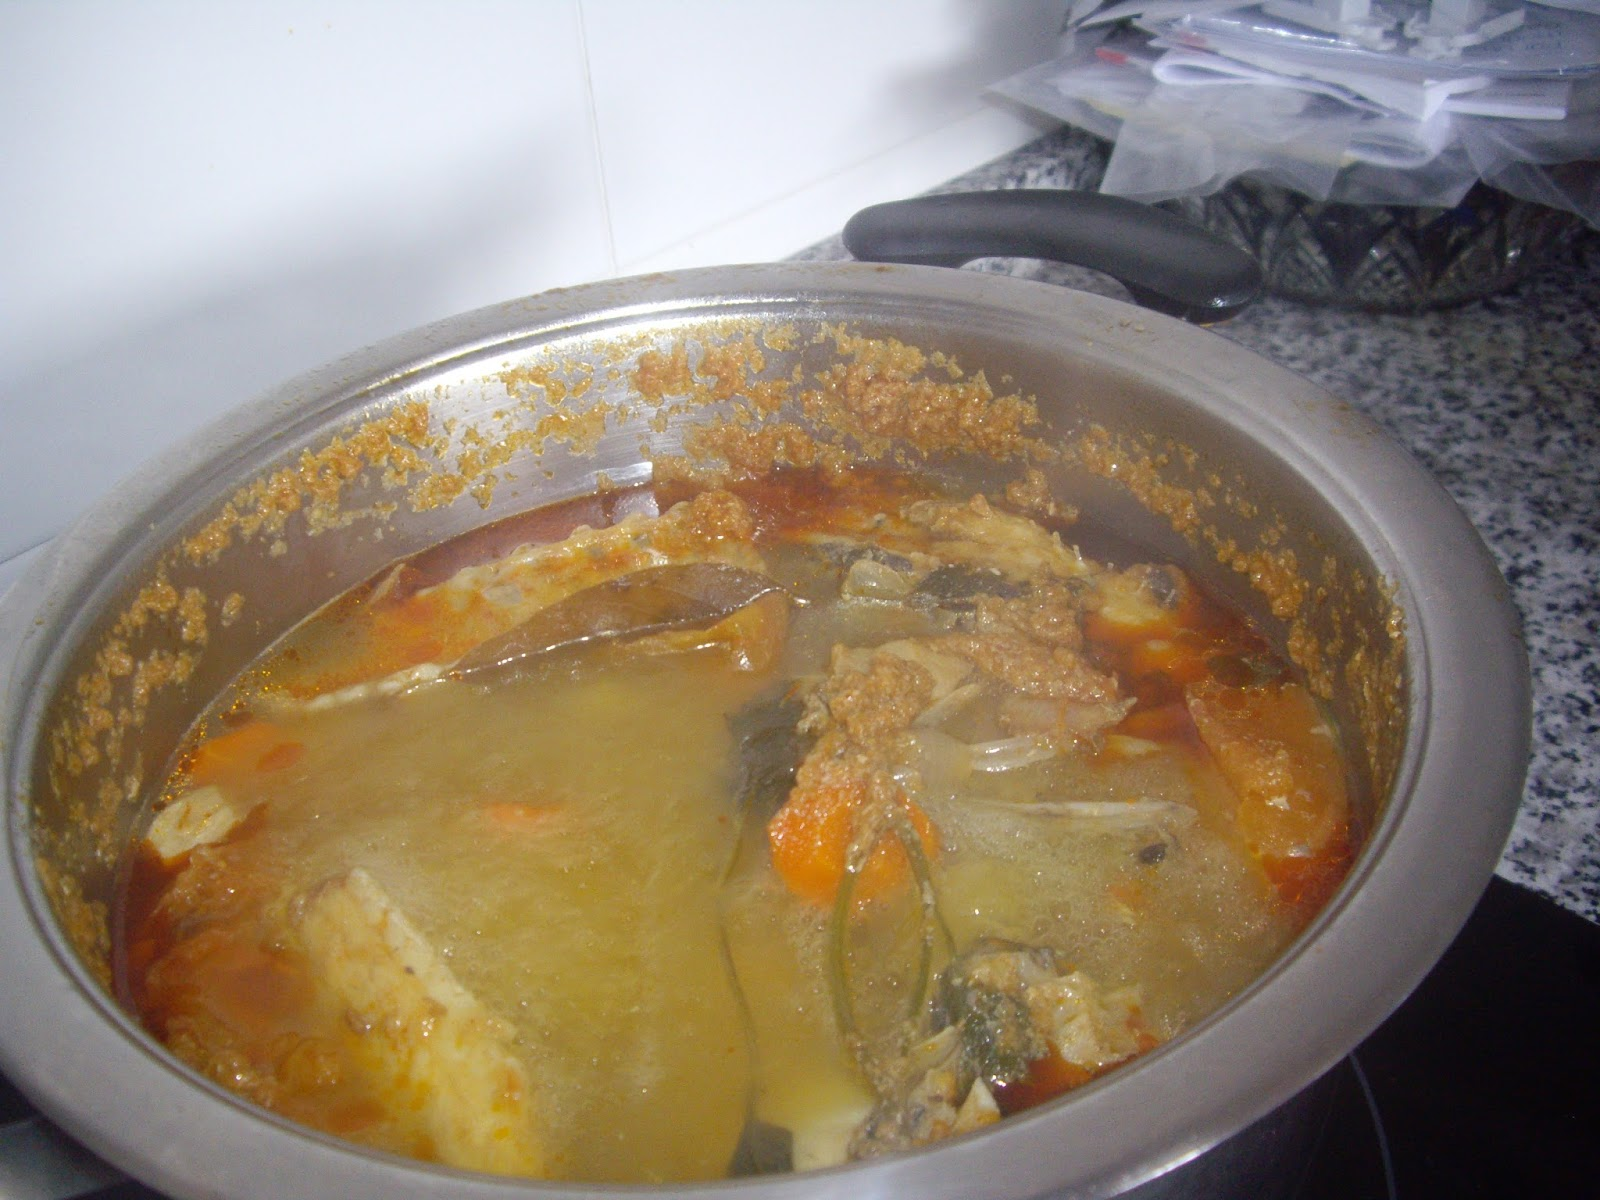 Harinaygasolina como hacer fumet de pescado caldo de pescado un basico de la cocina - Cocinar pescado congelado ...